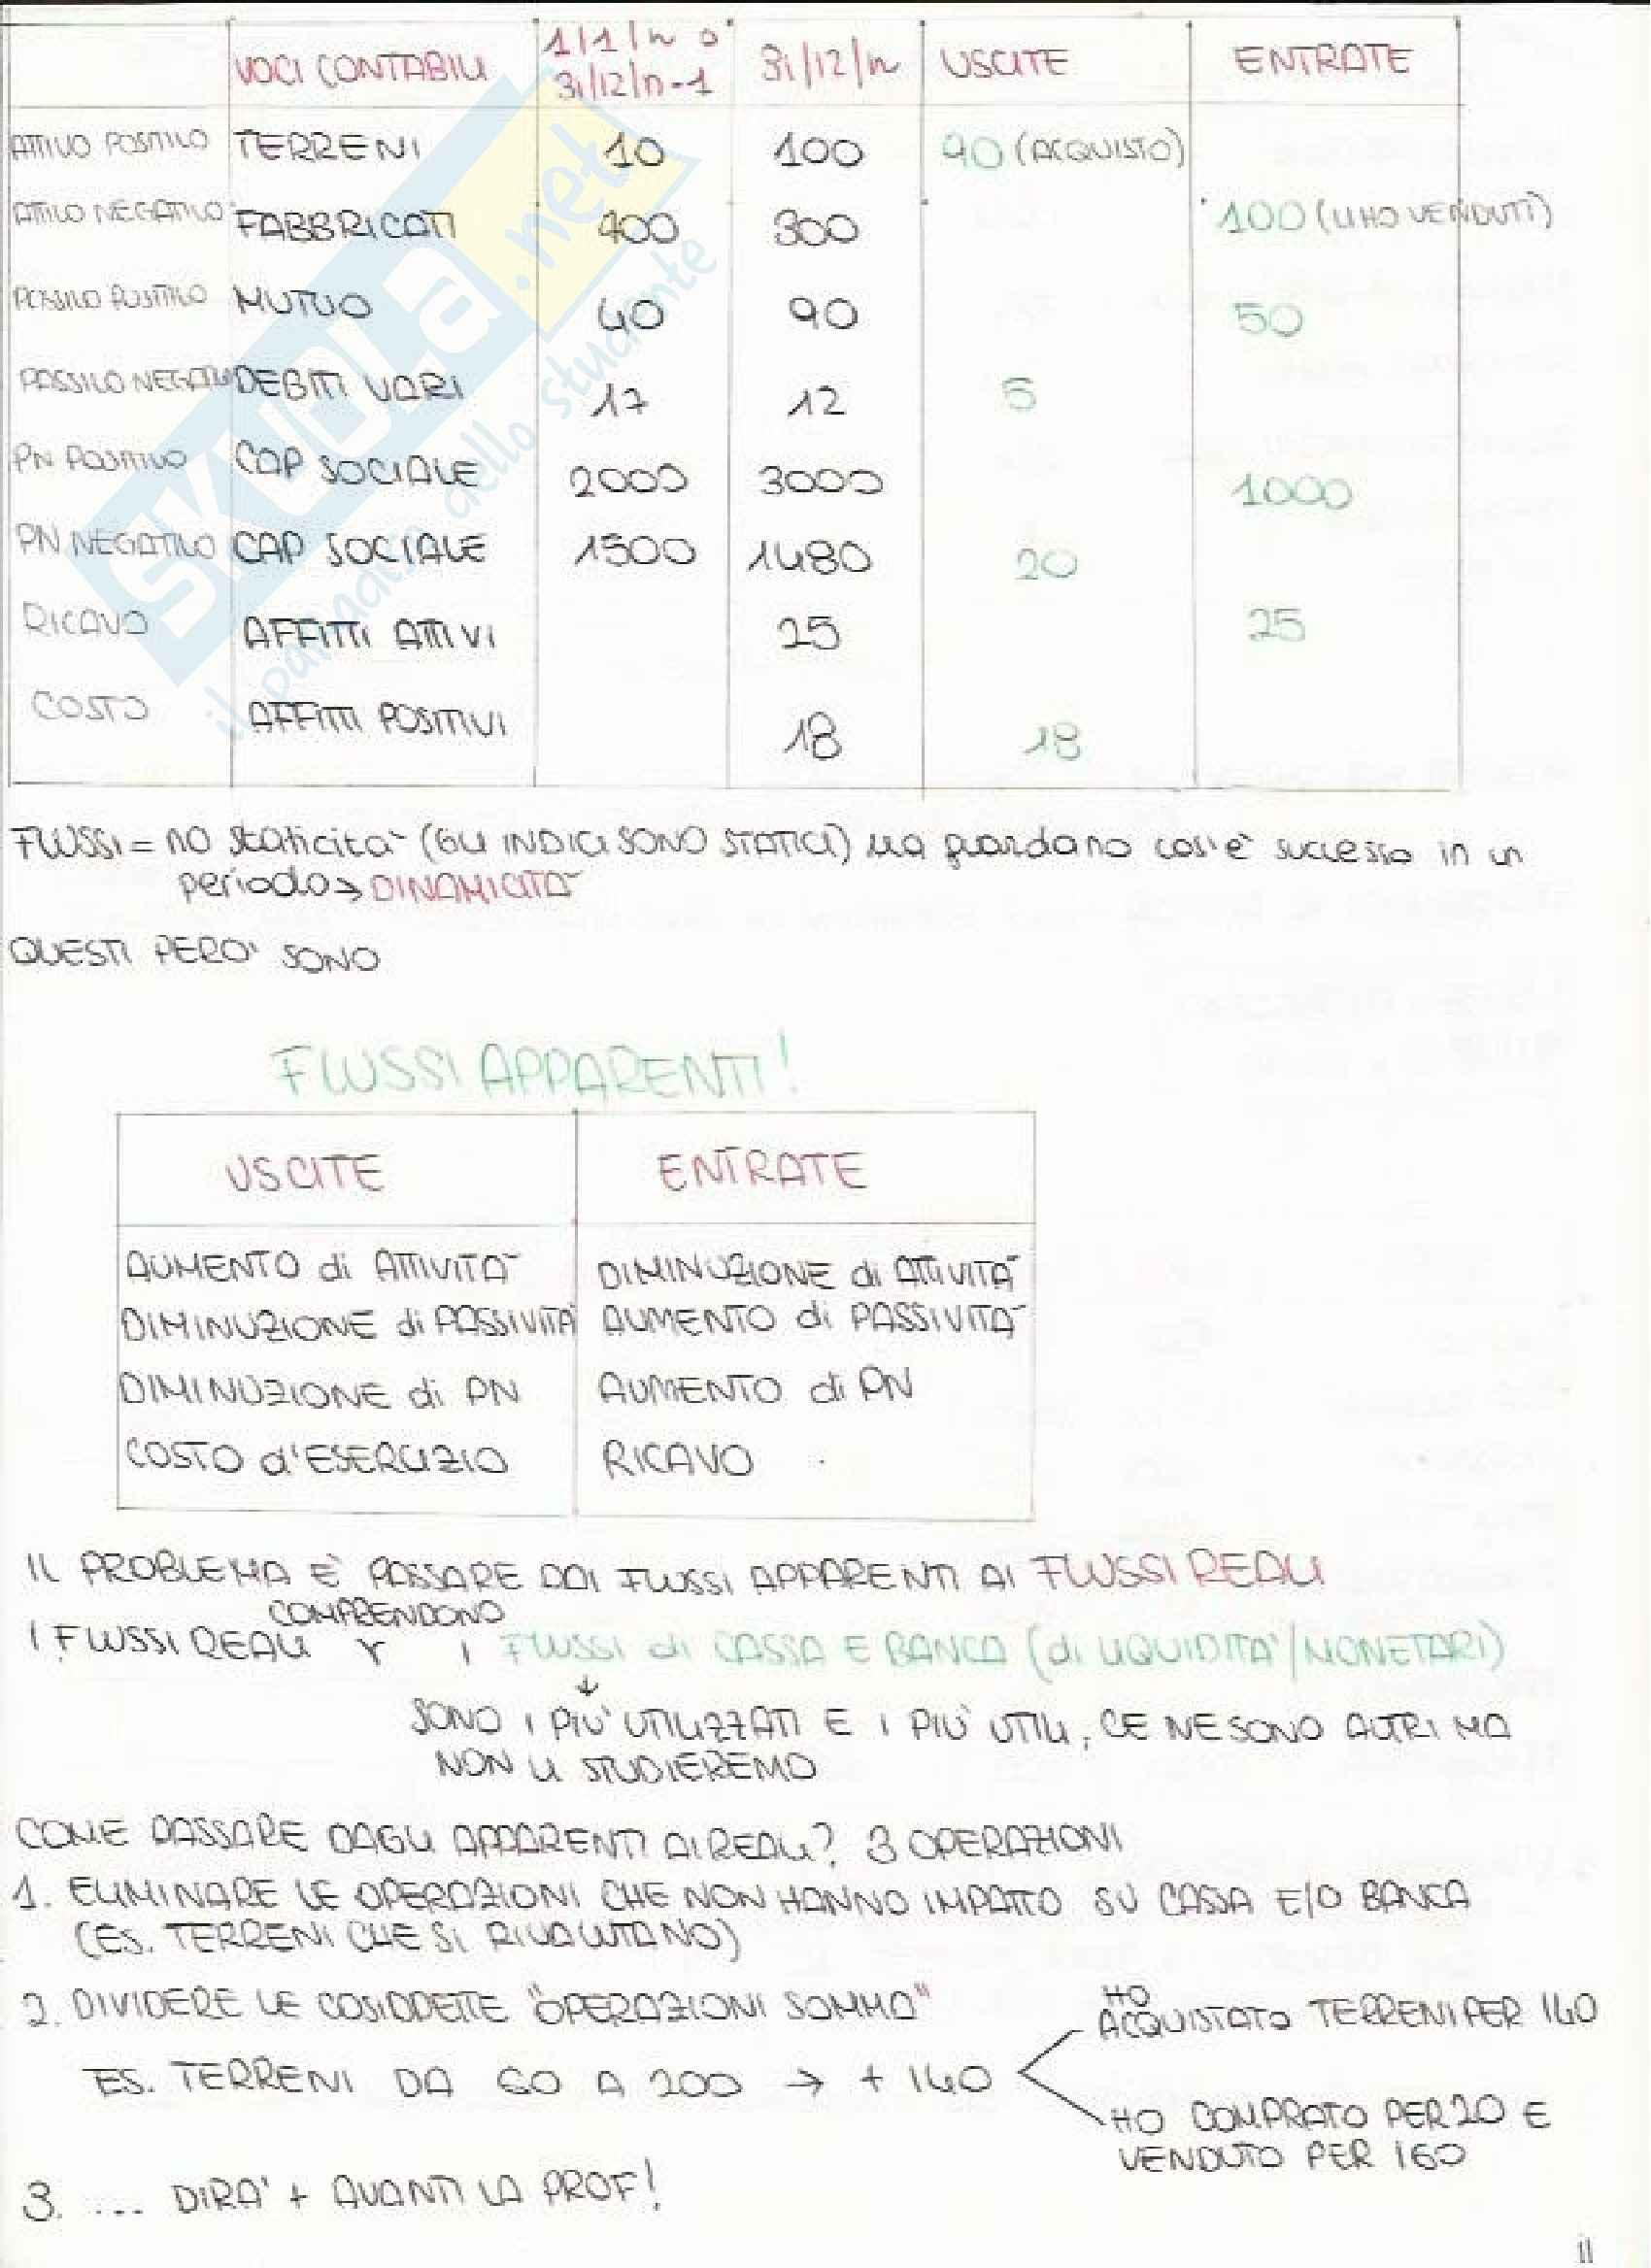 Bilancio e Analisi Economico Finanziaria - Appunti Pag. 11